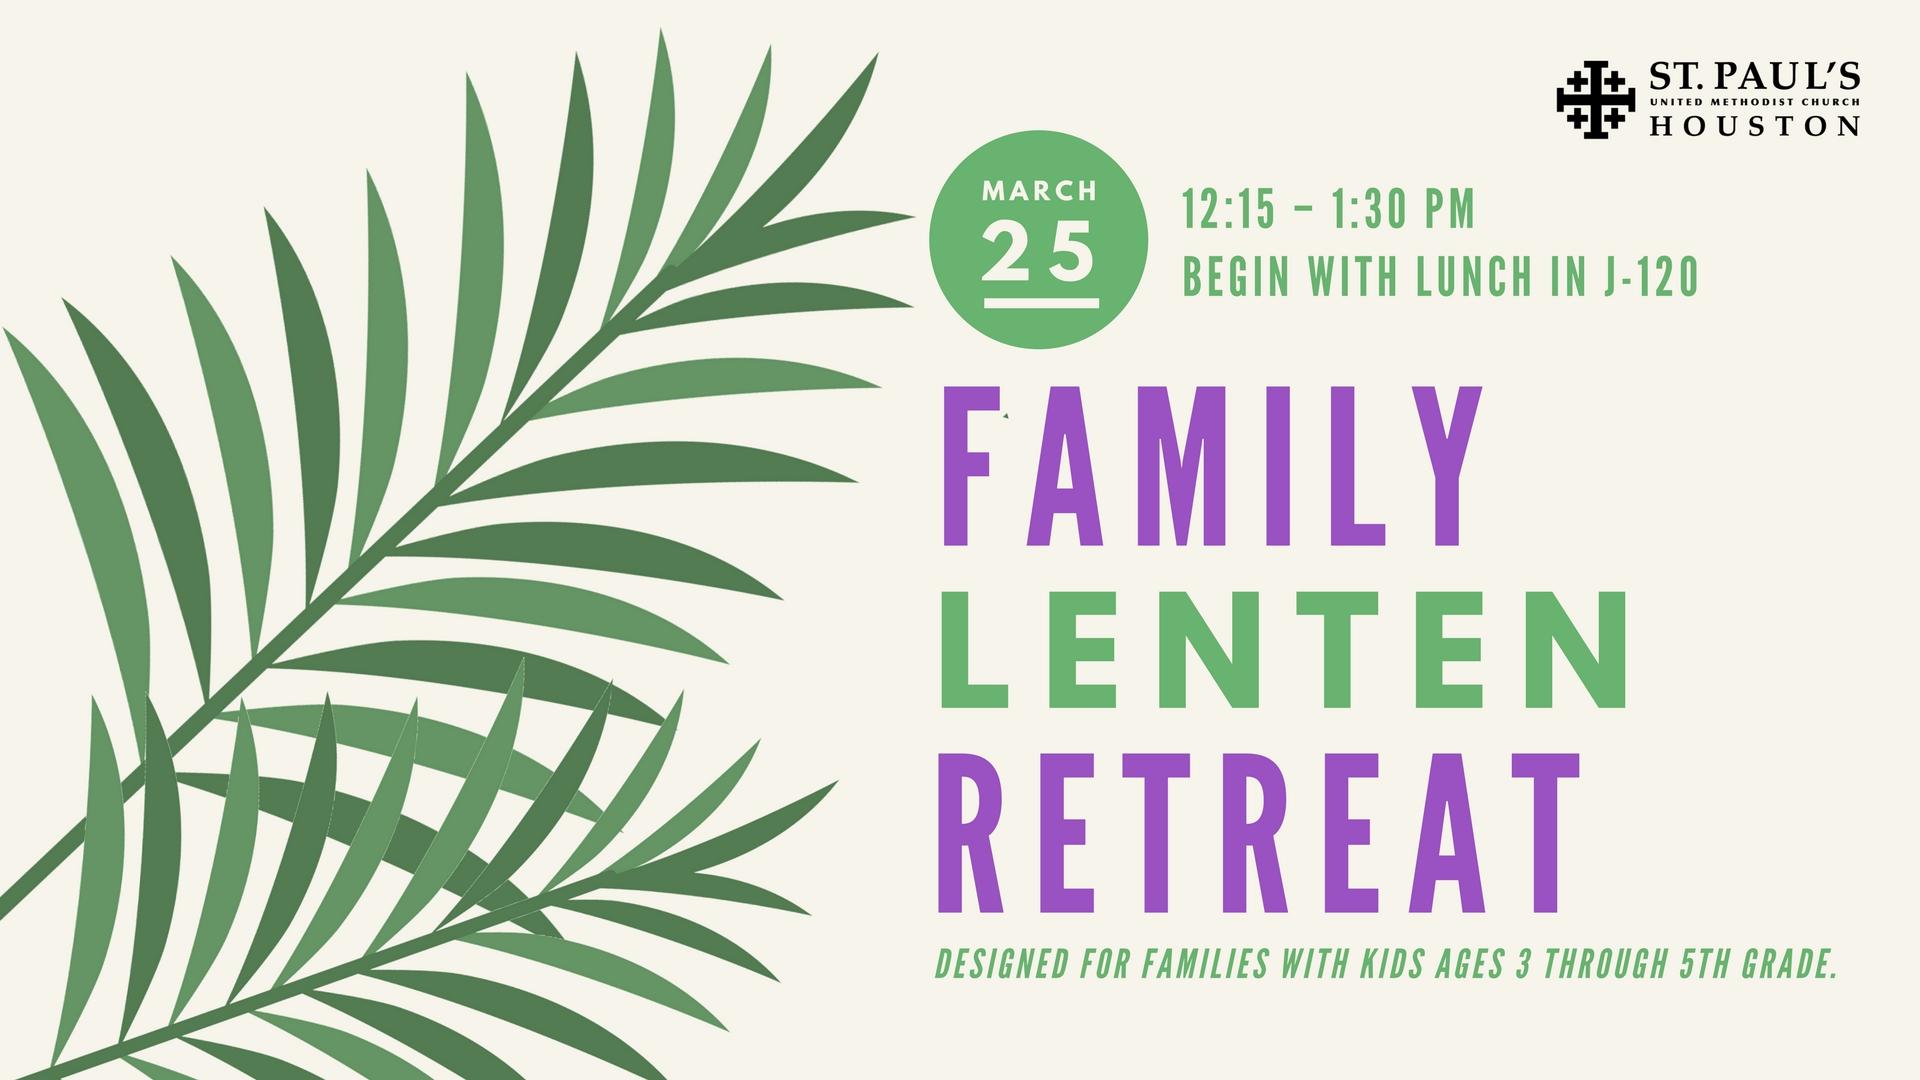 03-25-18 - Family Lenten Retreat 2018.jpg